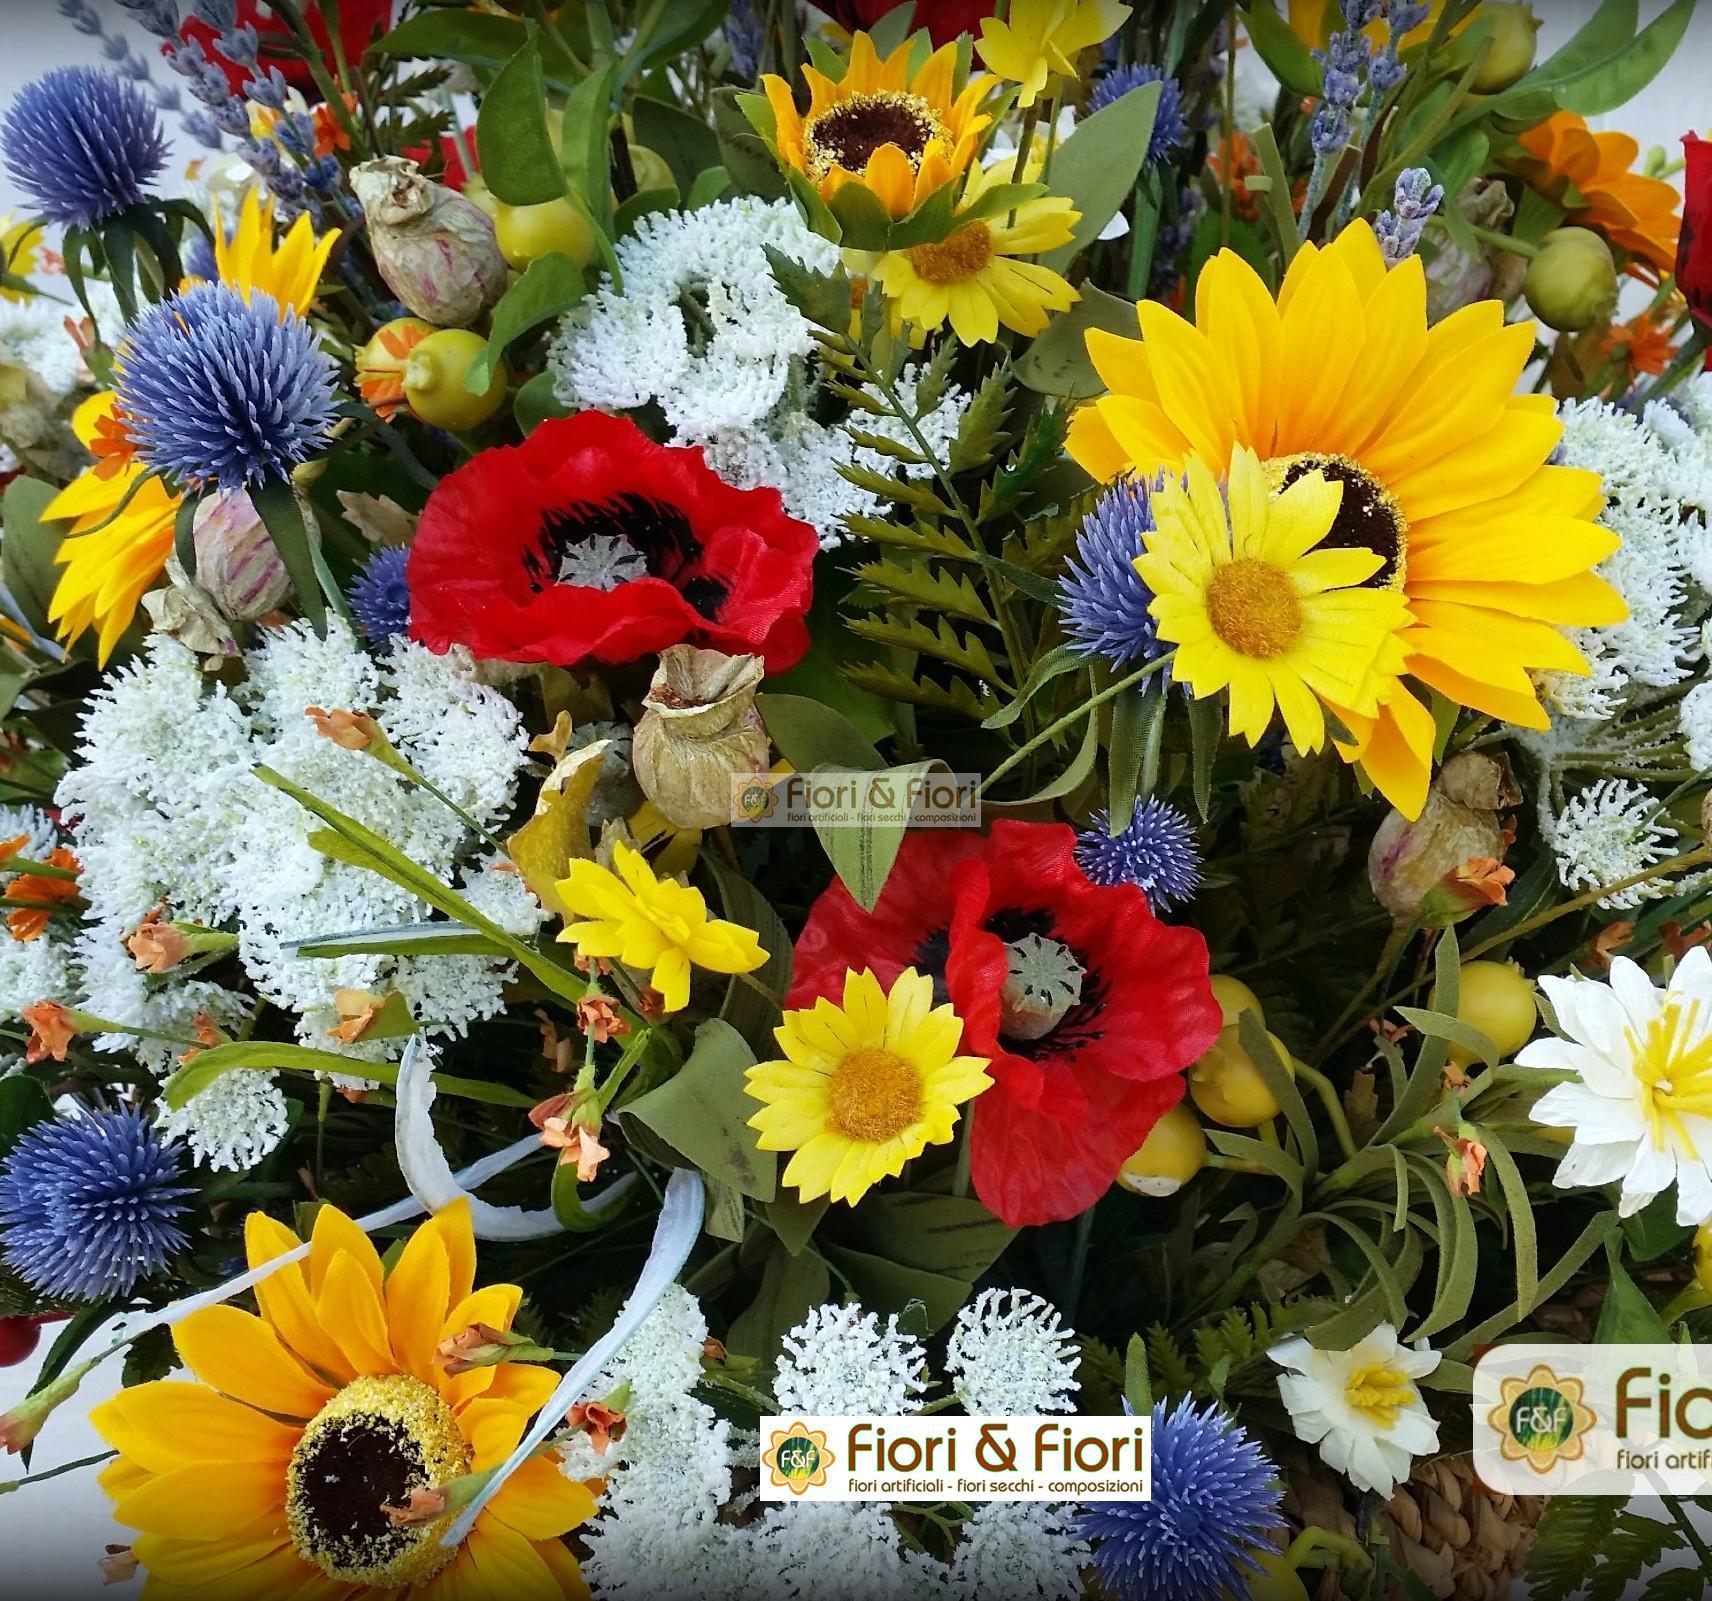 Pulire i fiori artificiali